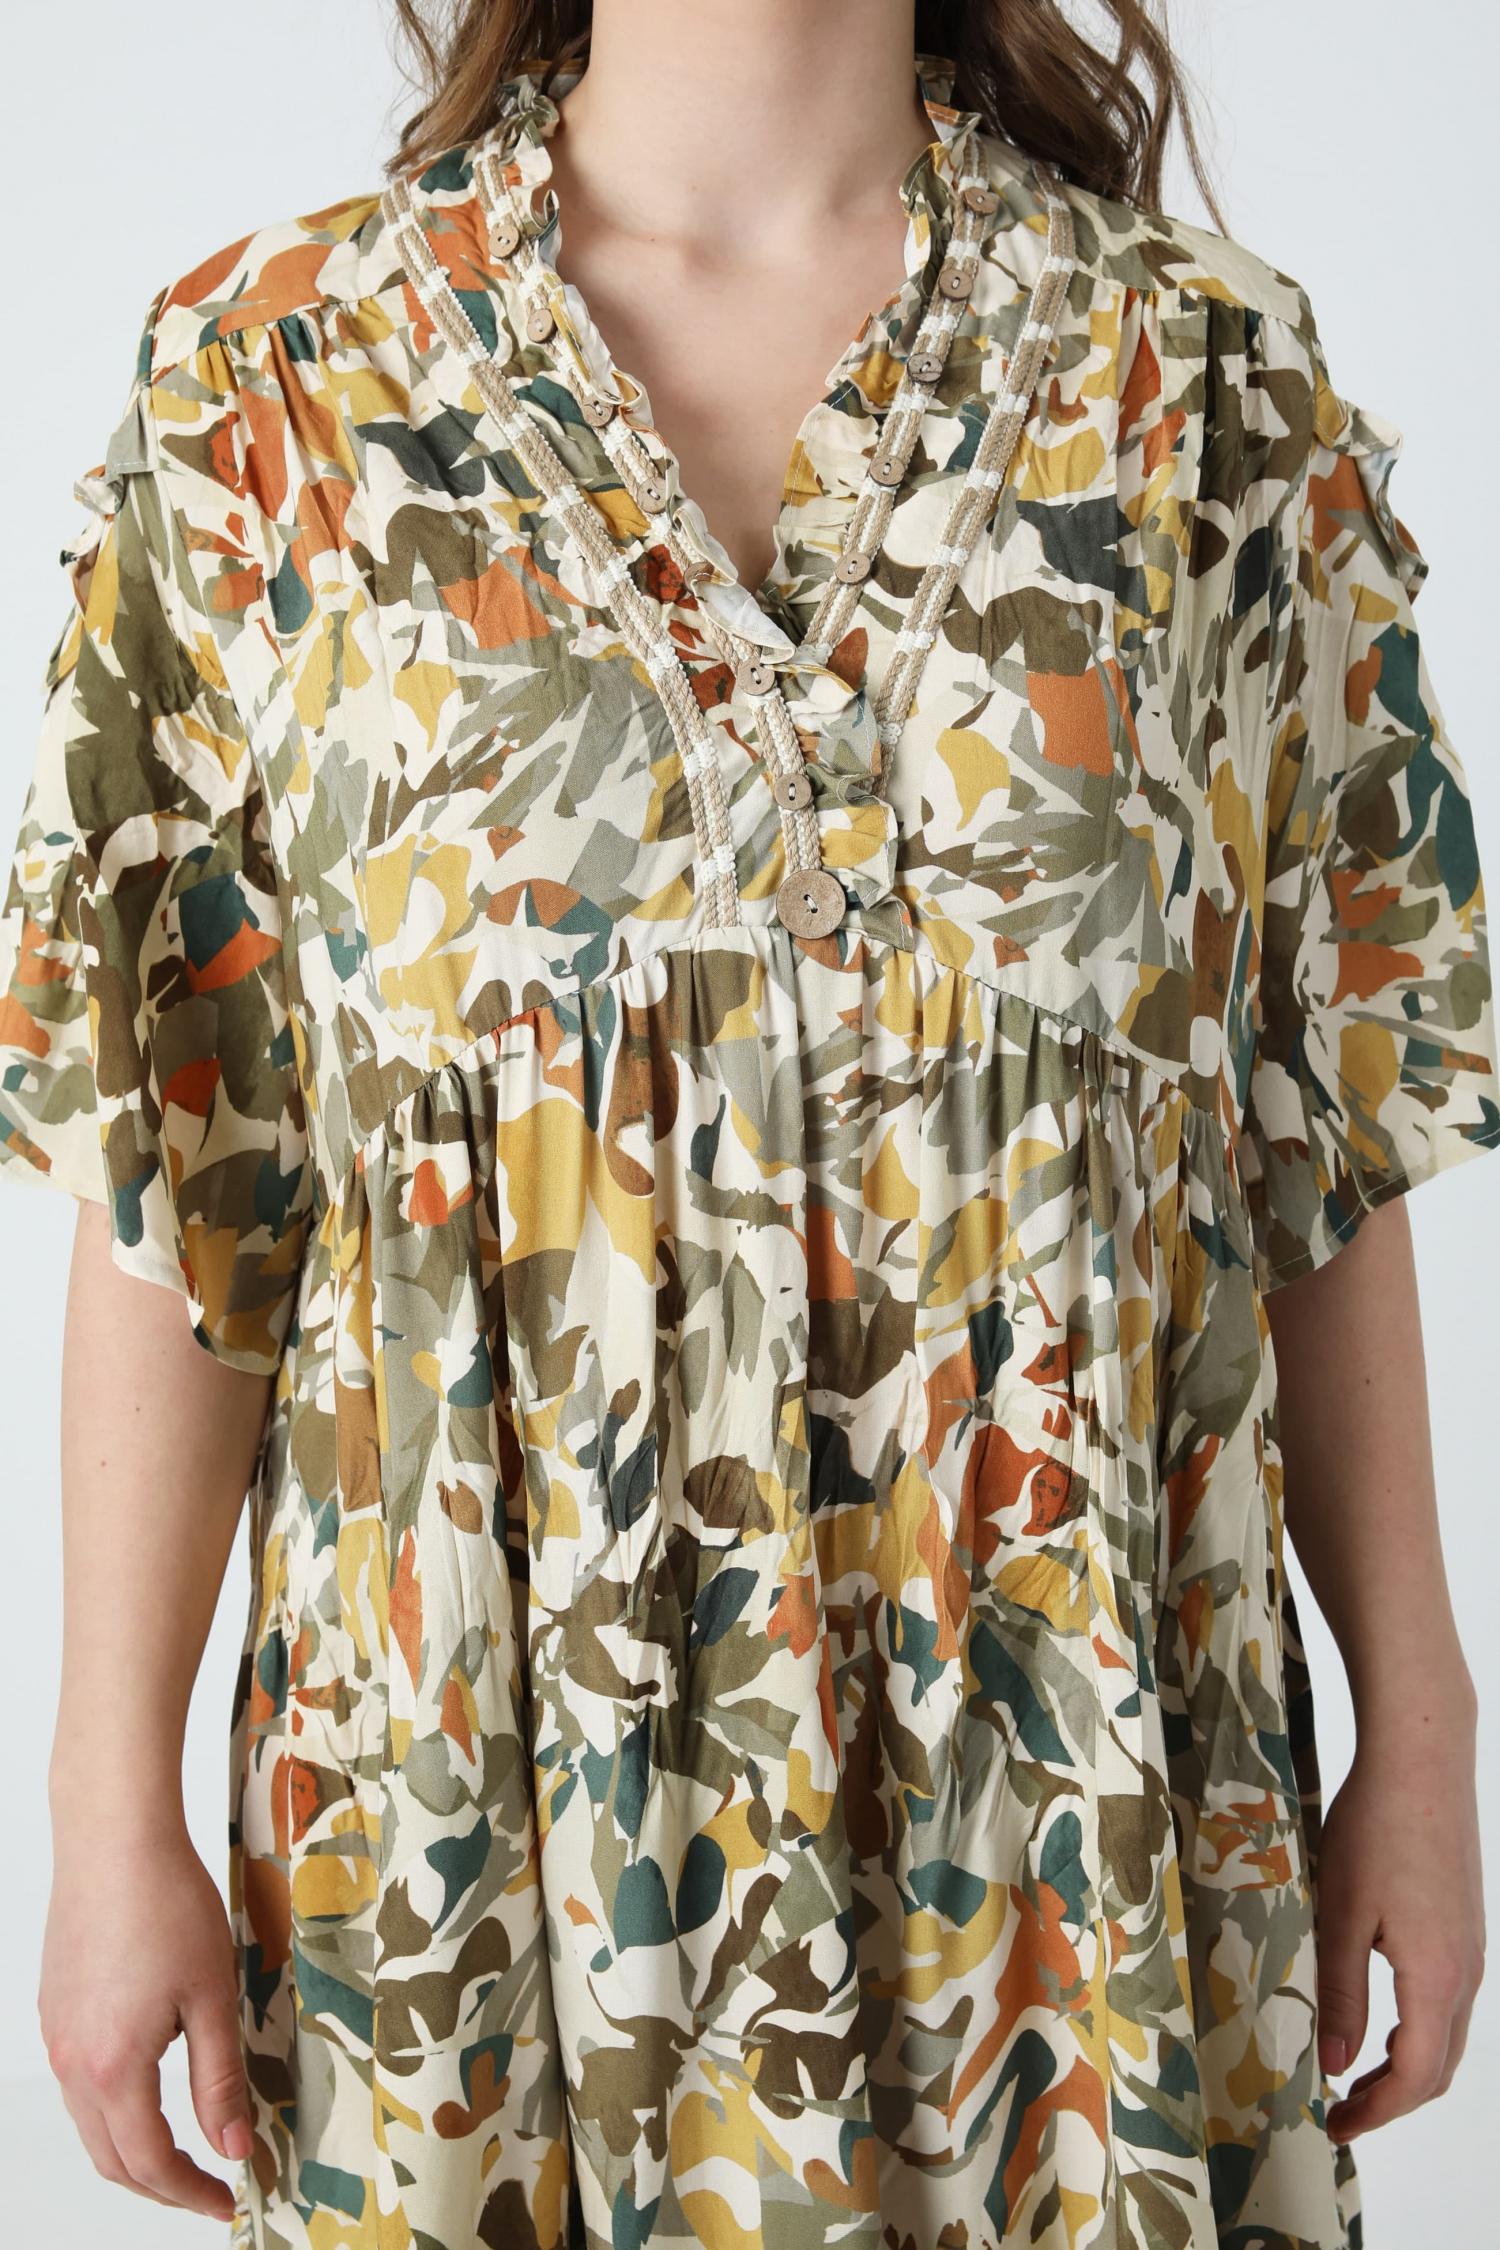 Bohemian style midi print dress (Shipping April 5-10)